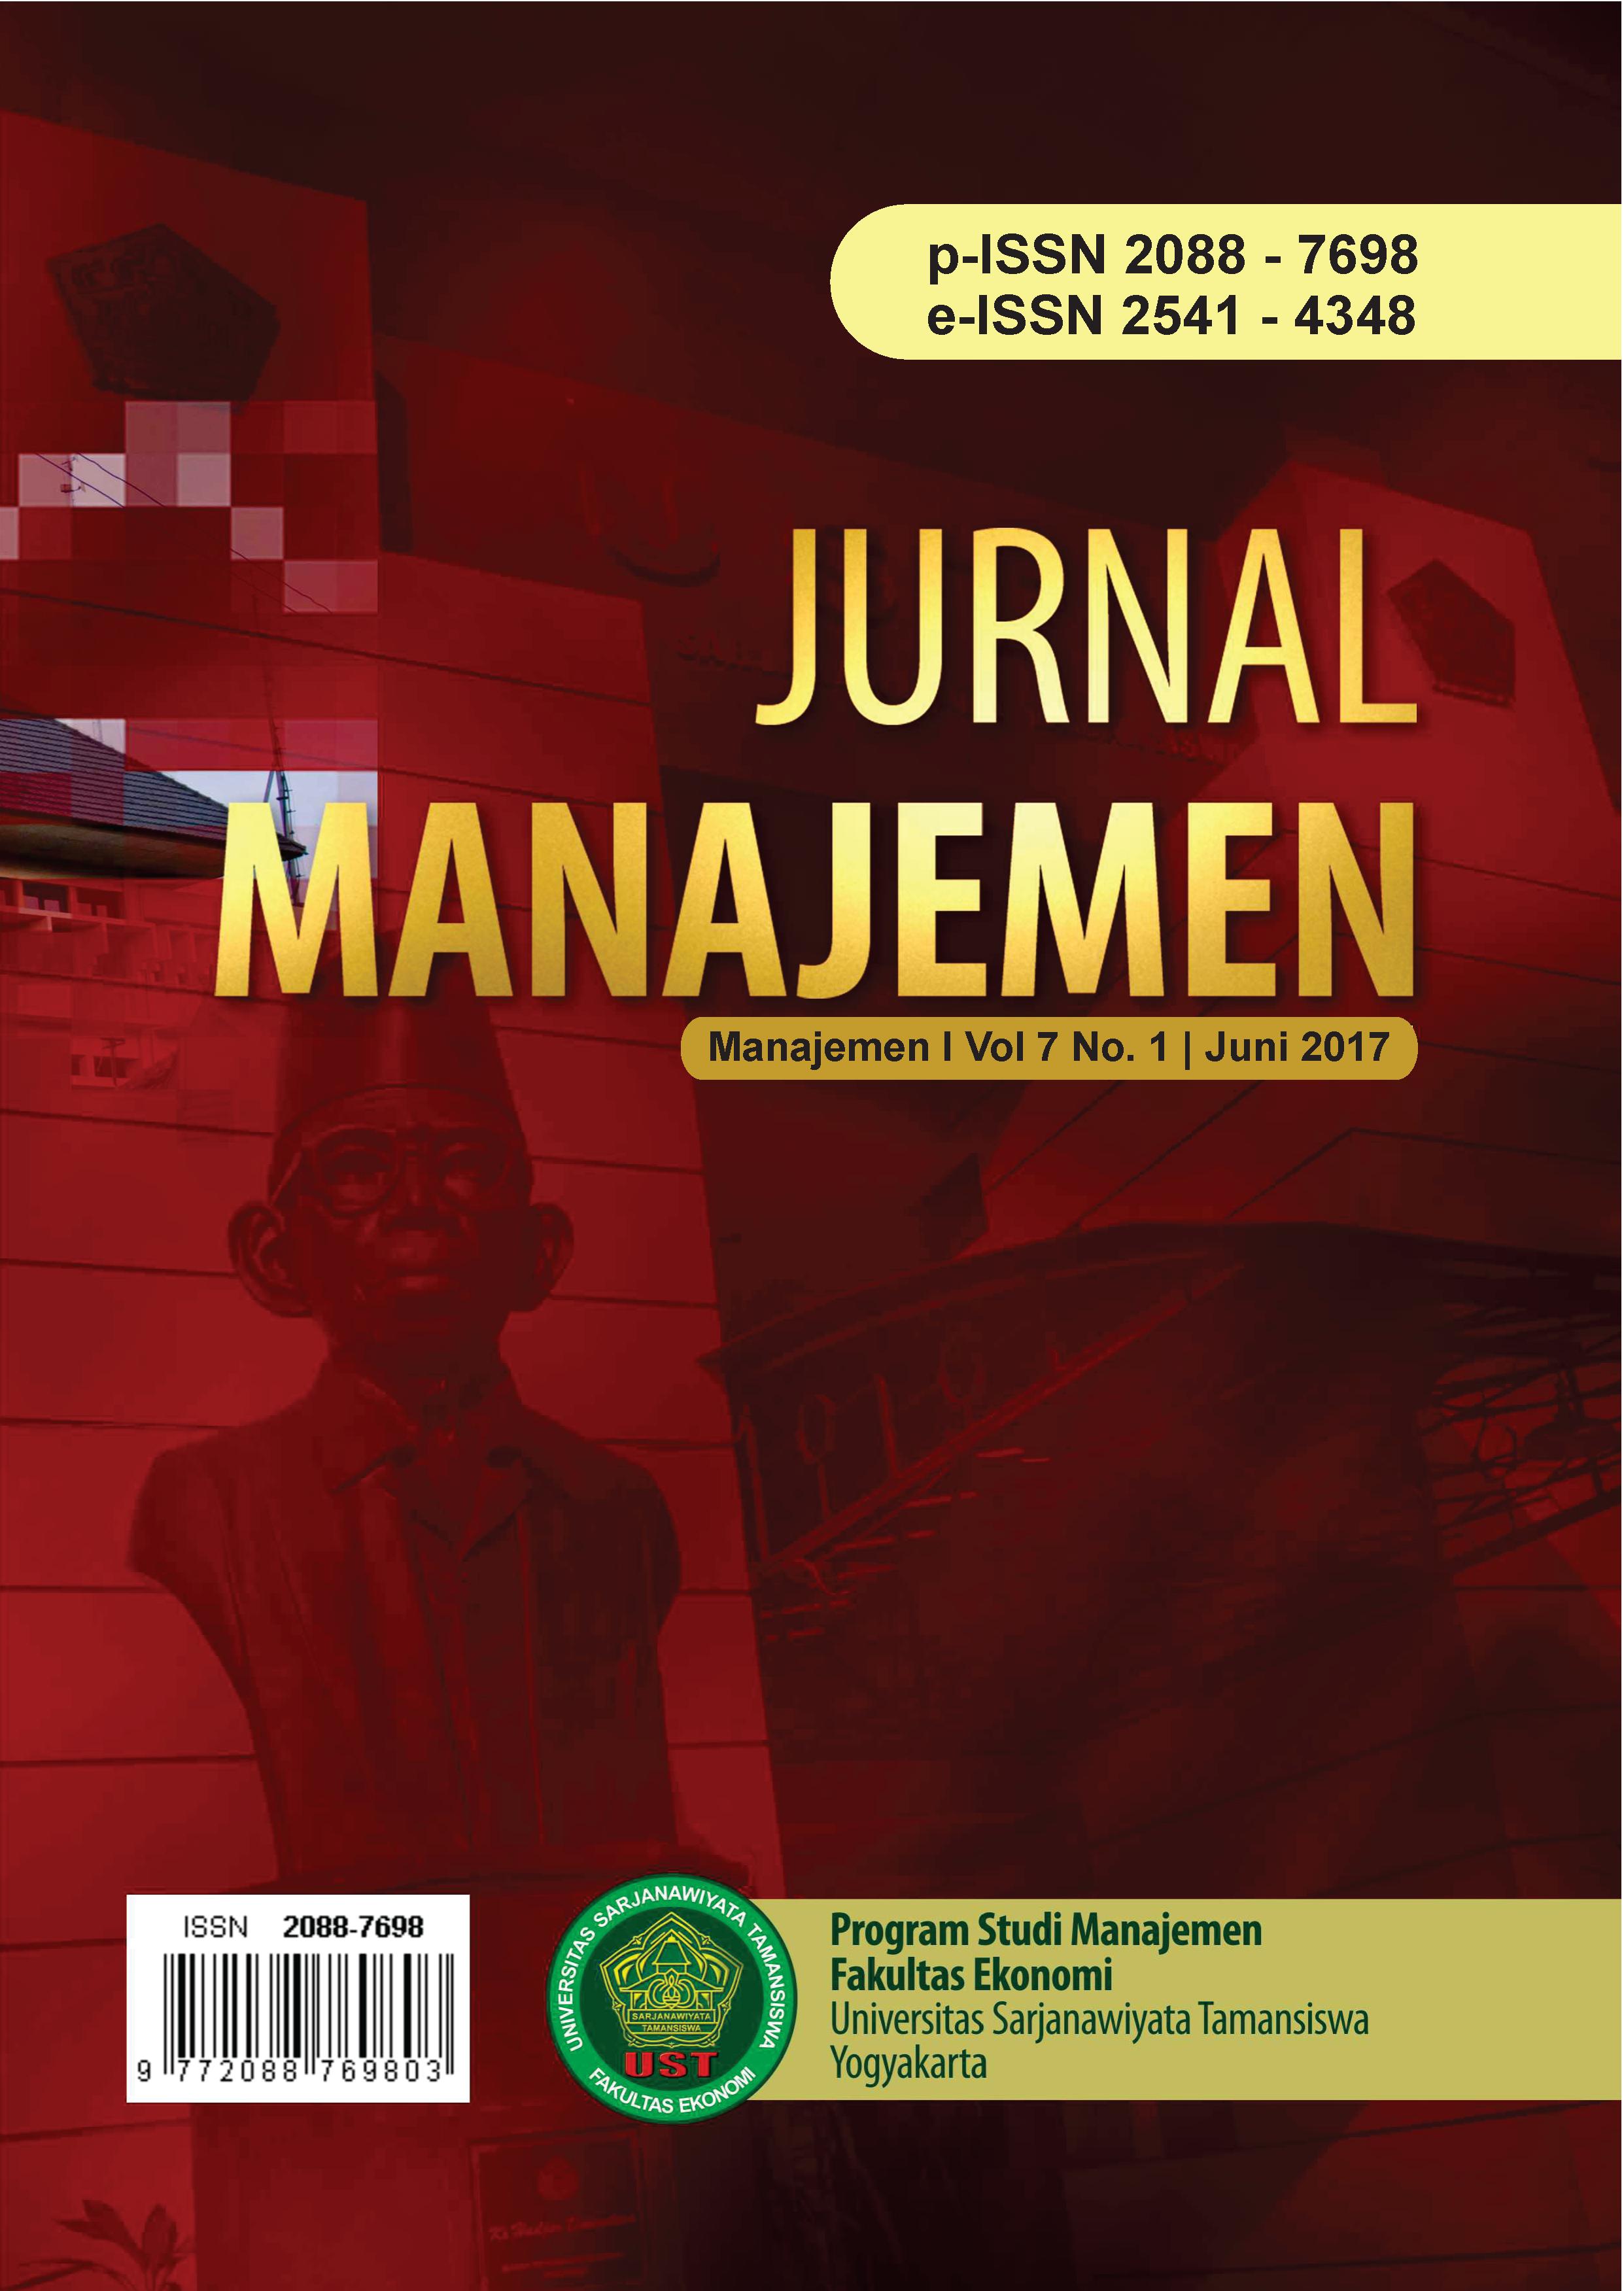 Jurnal Manajemen FE UST